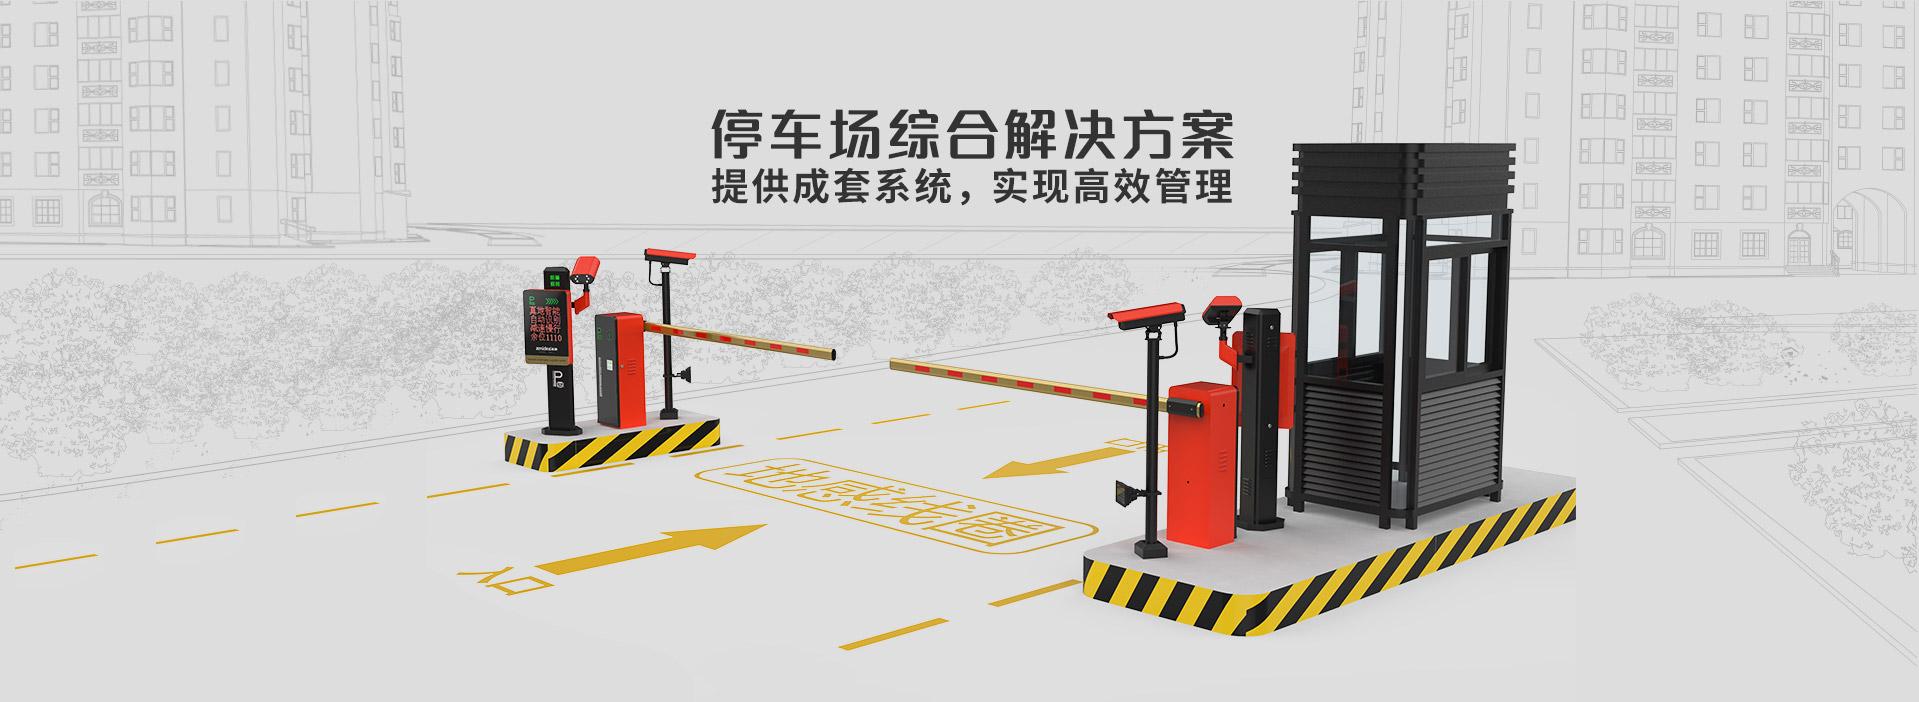 道闸车牌的使用流程